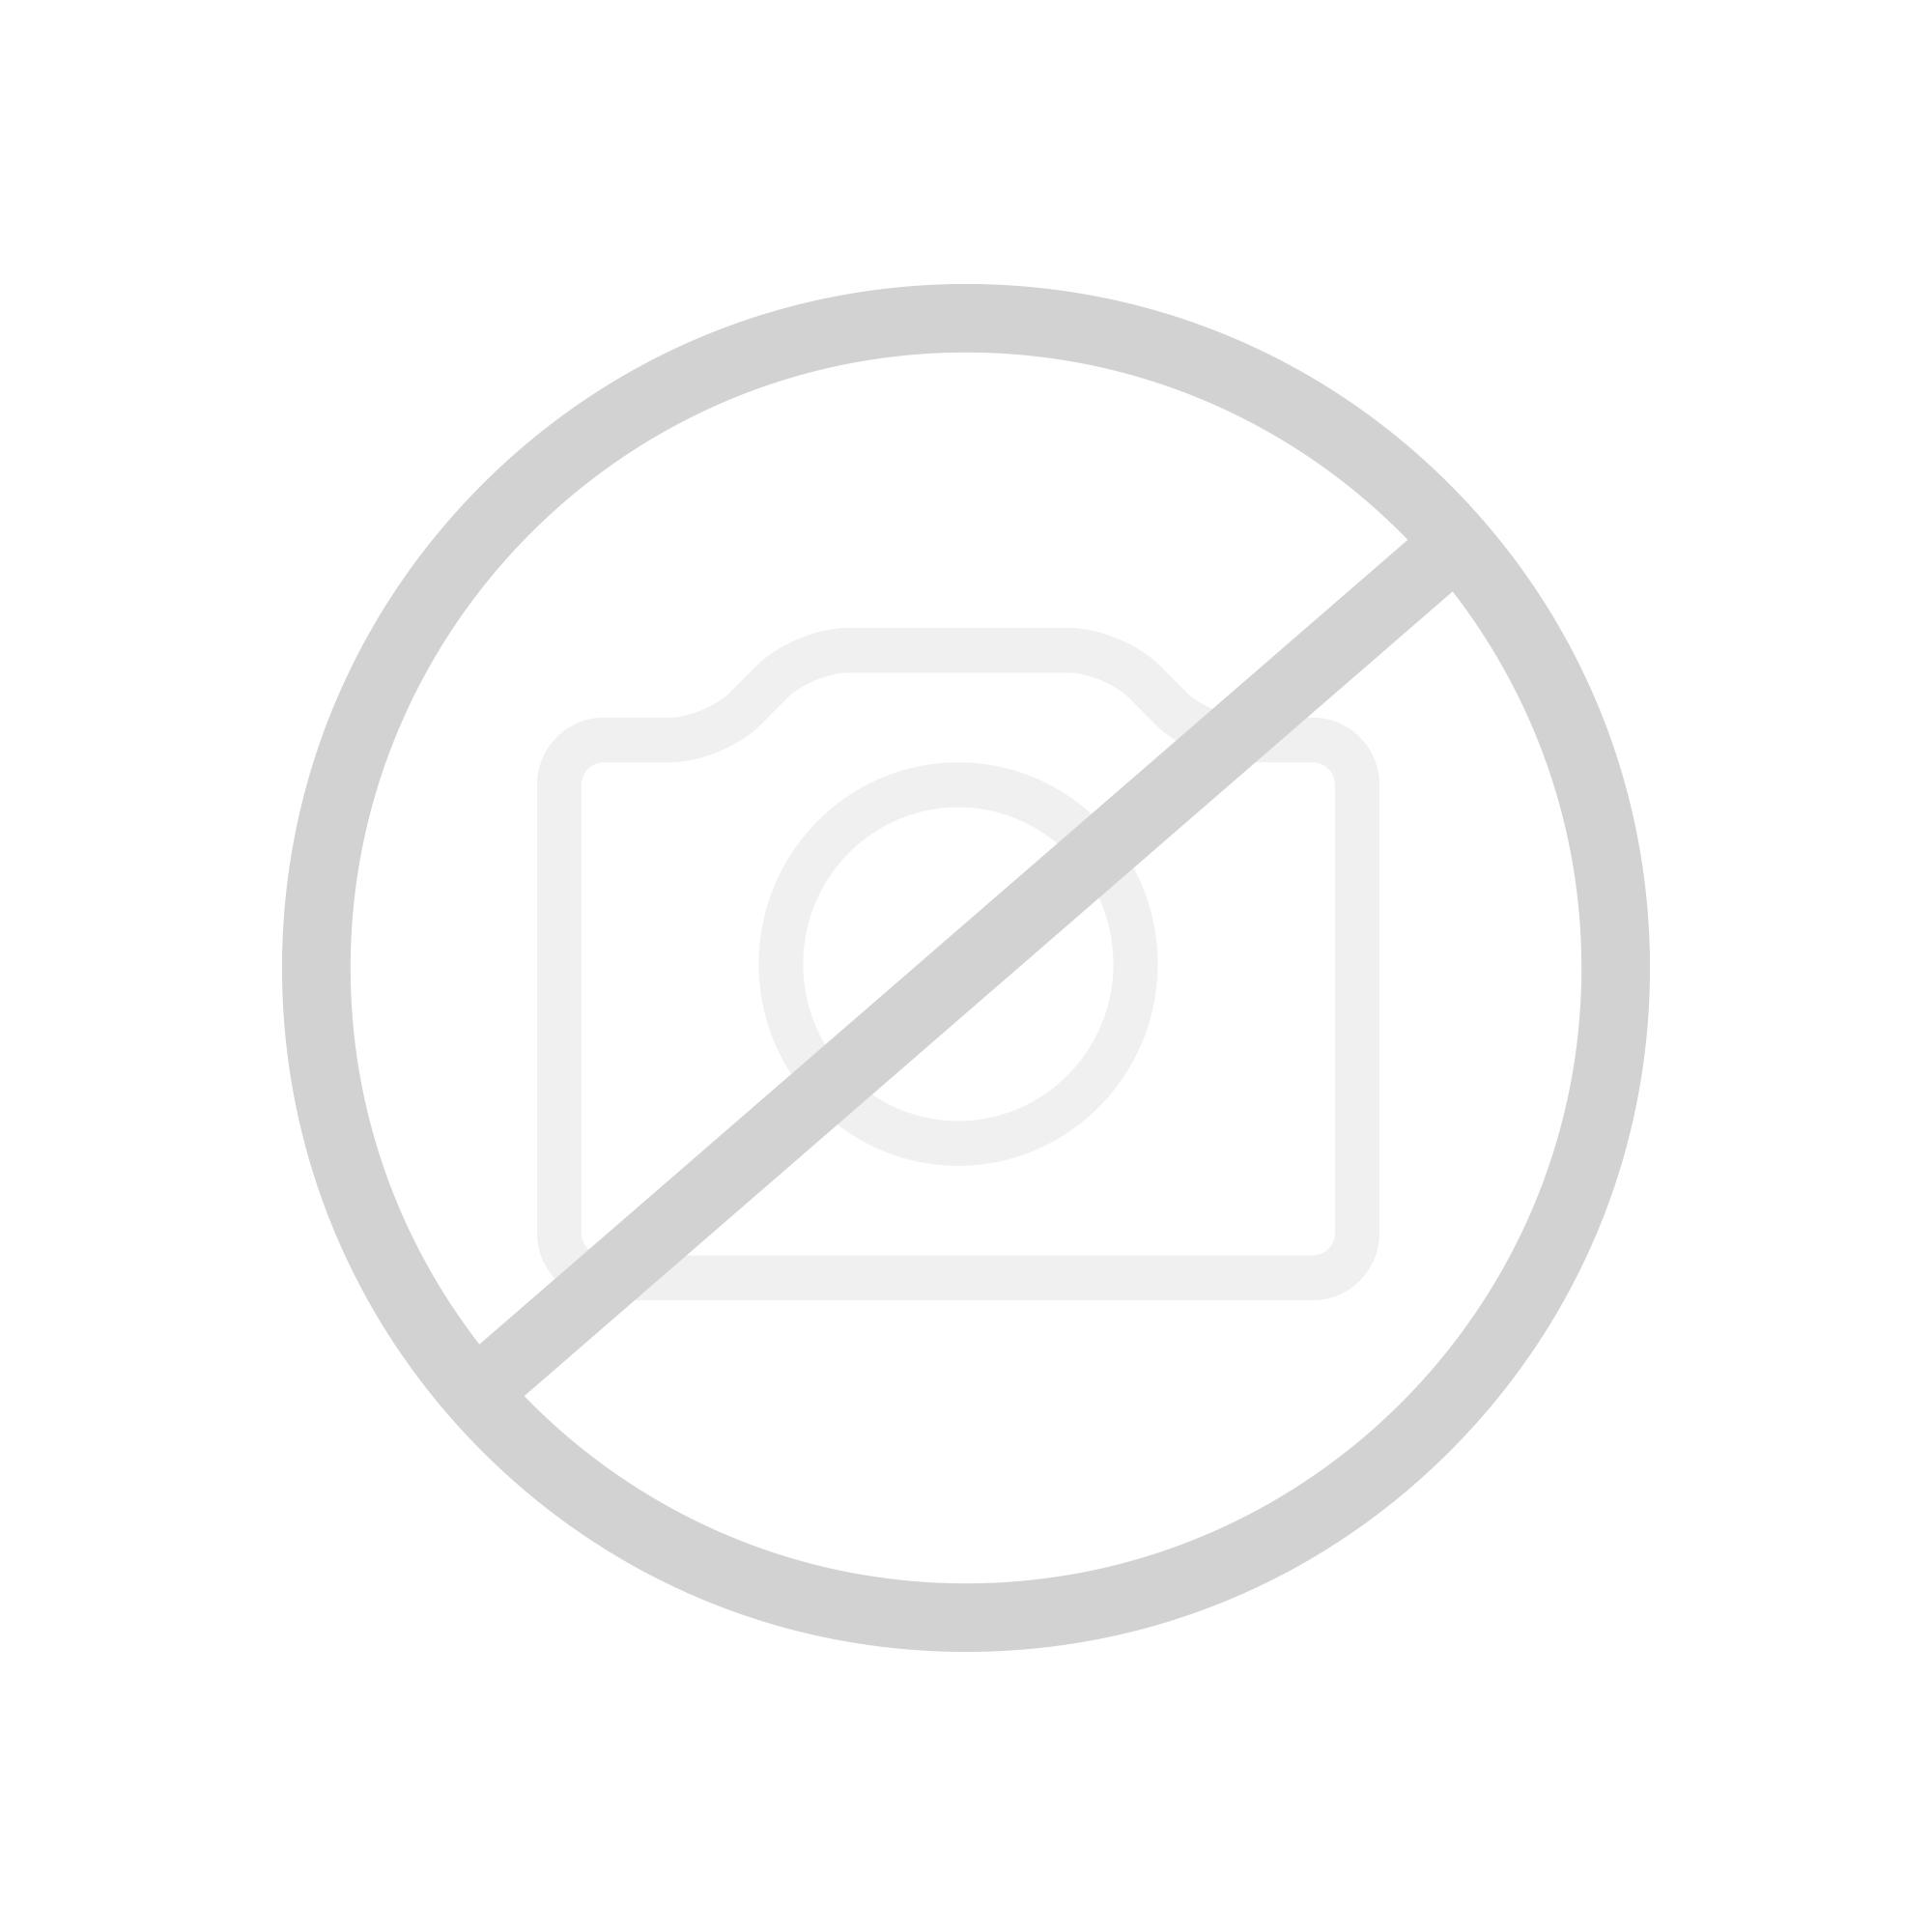 Victoria + Albert Cabrits freistehende Badewanne weiß